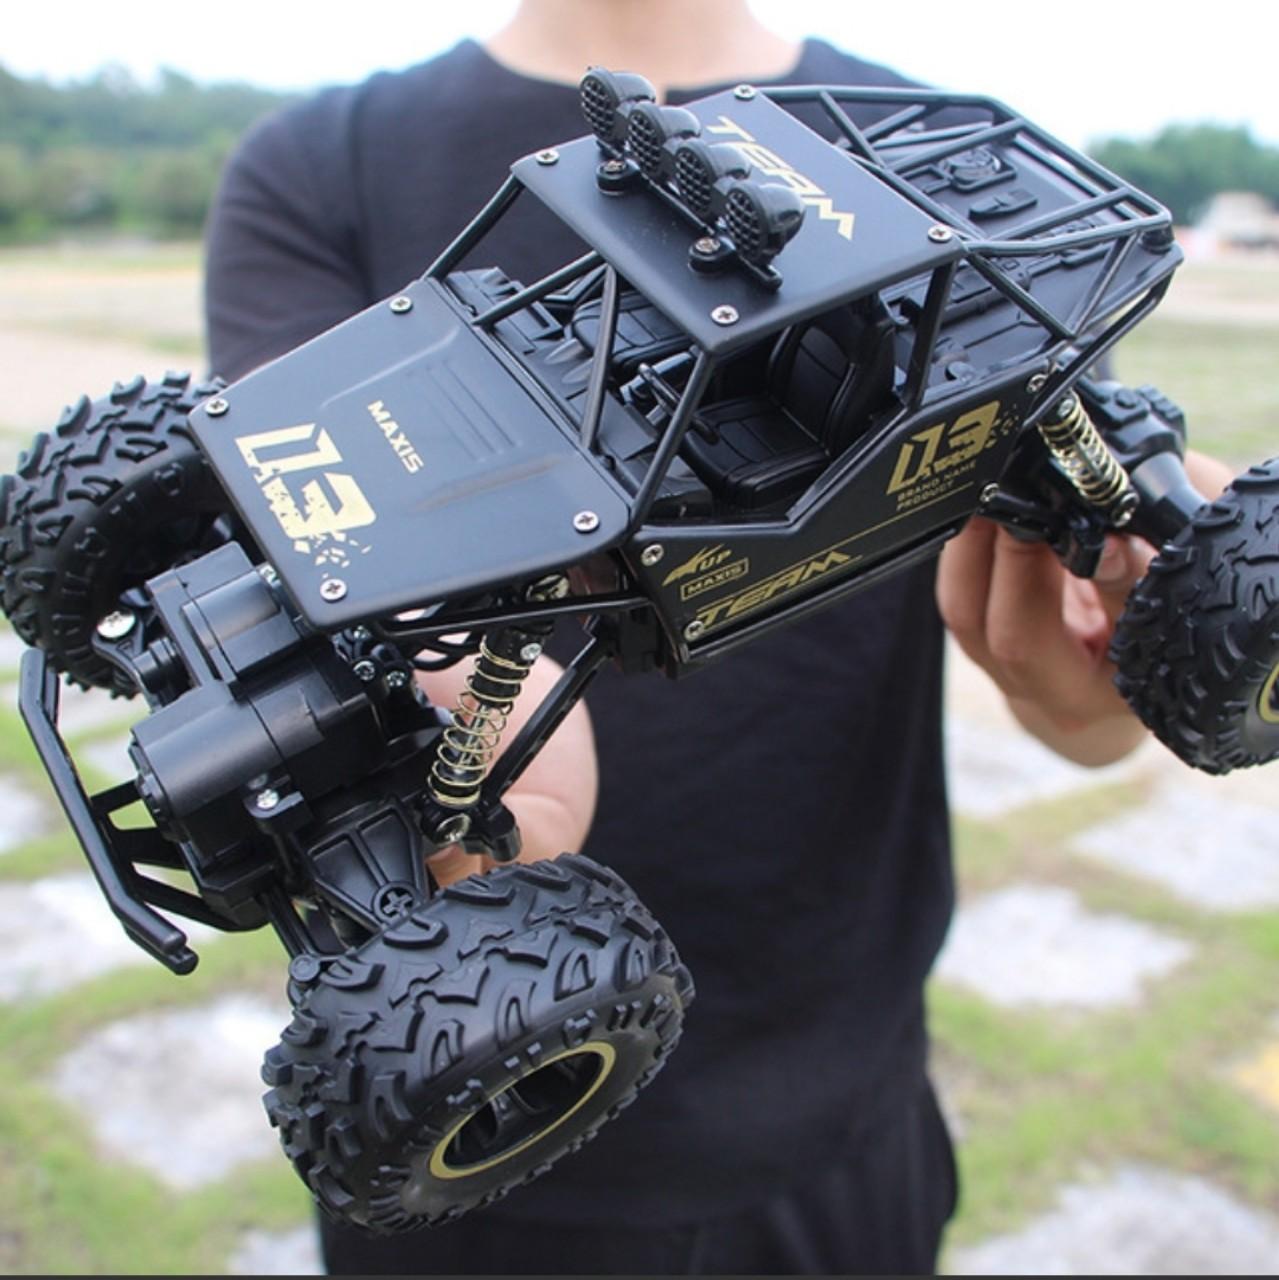 Ô tô đồ chơi siêu địa hình điều khiển từ xa,sử dụng pin sạc 2000mAh. kích thước 28cm x 17cm x 16cm. Xe có thể leo dốc 30 đến 45 độ và vượt chướng  ngại vật cao từ 5cm đến 7cm